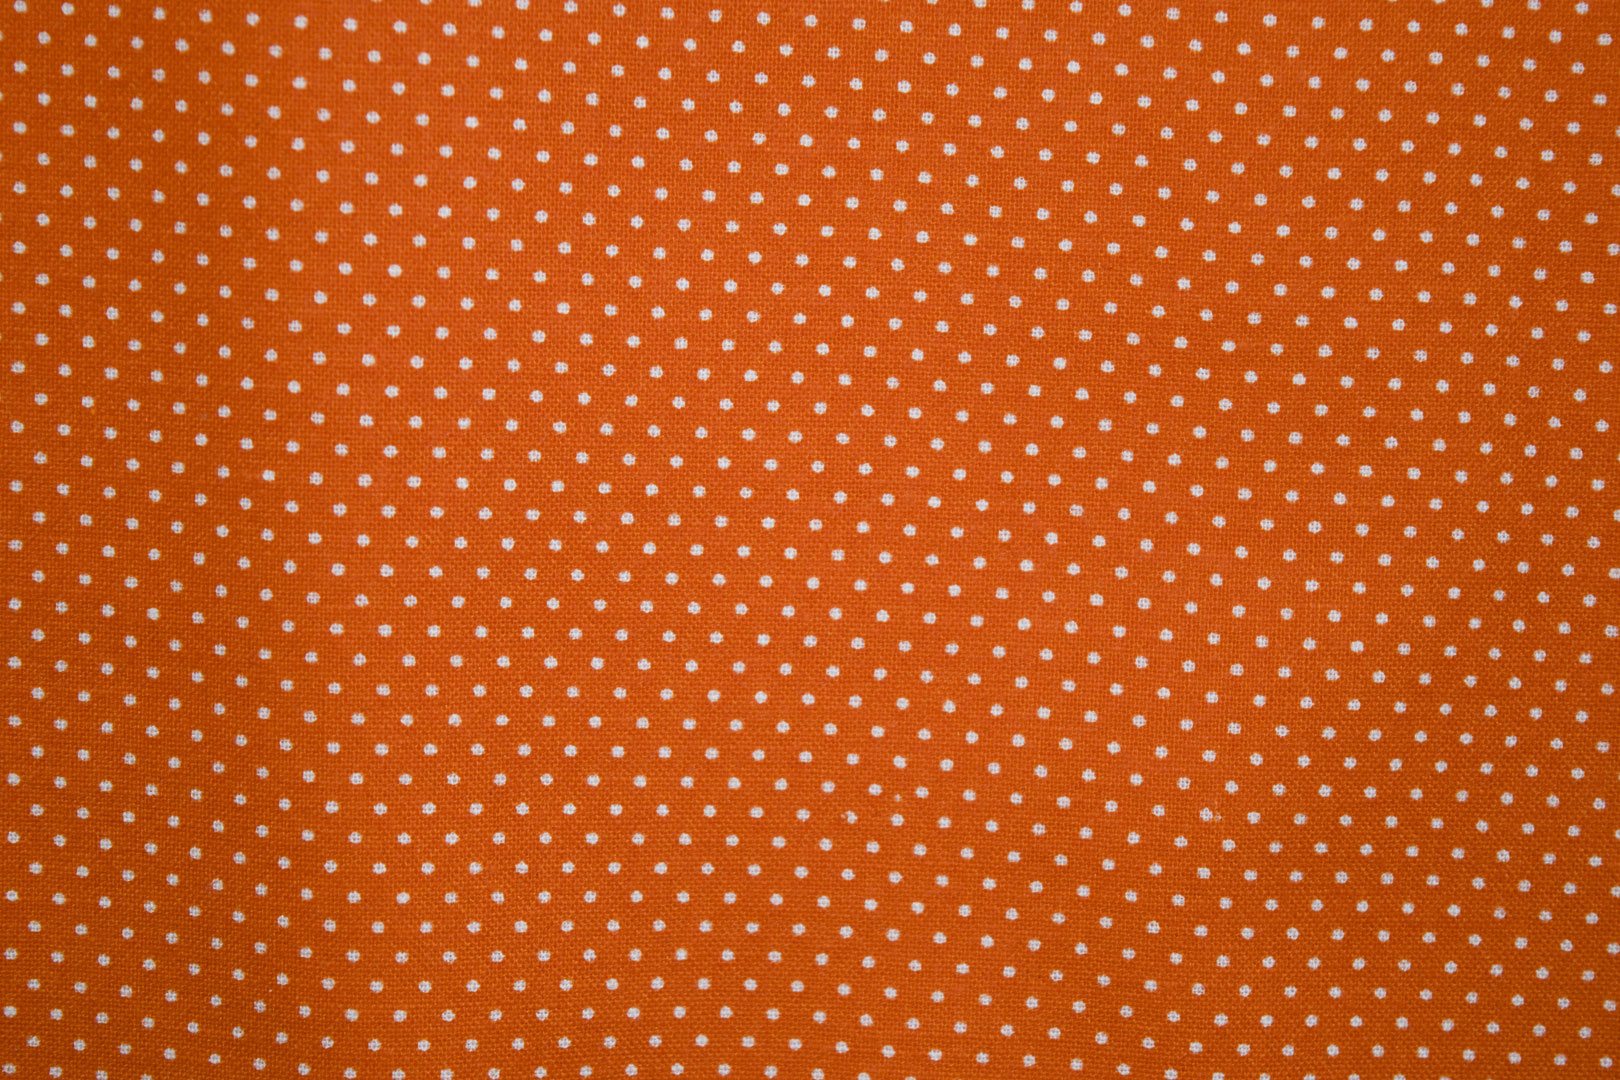 78_20707_orange